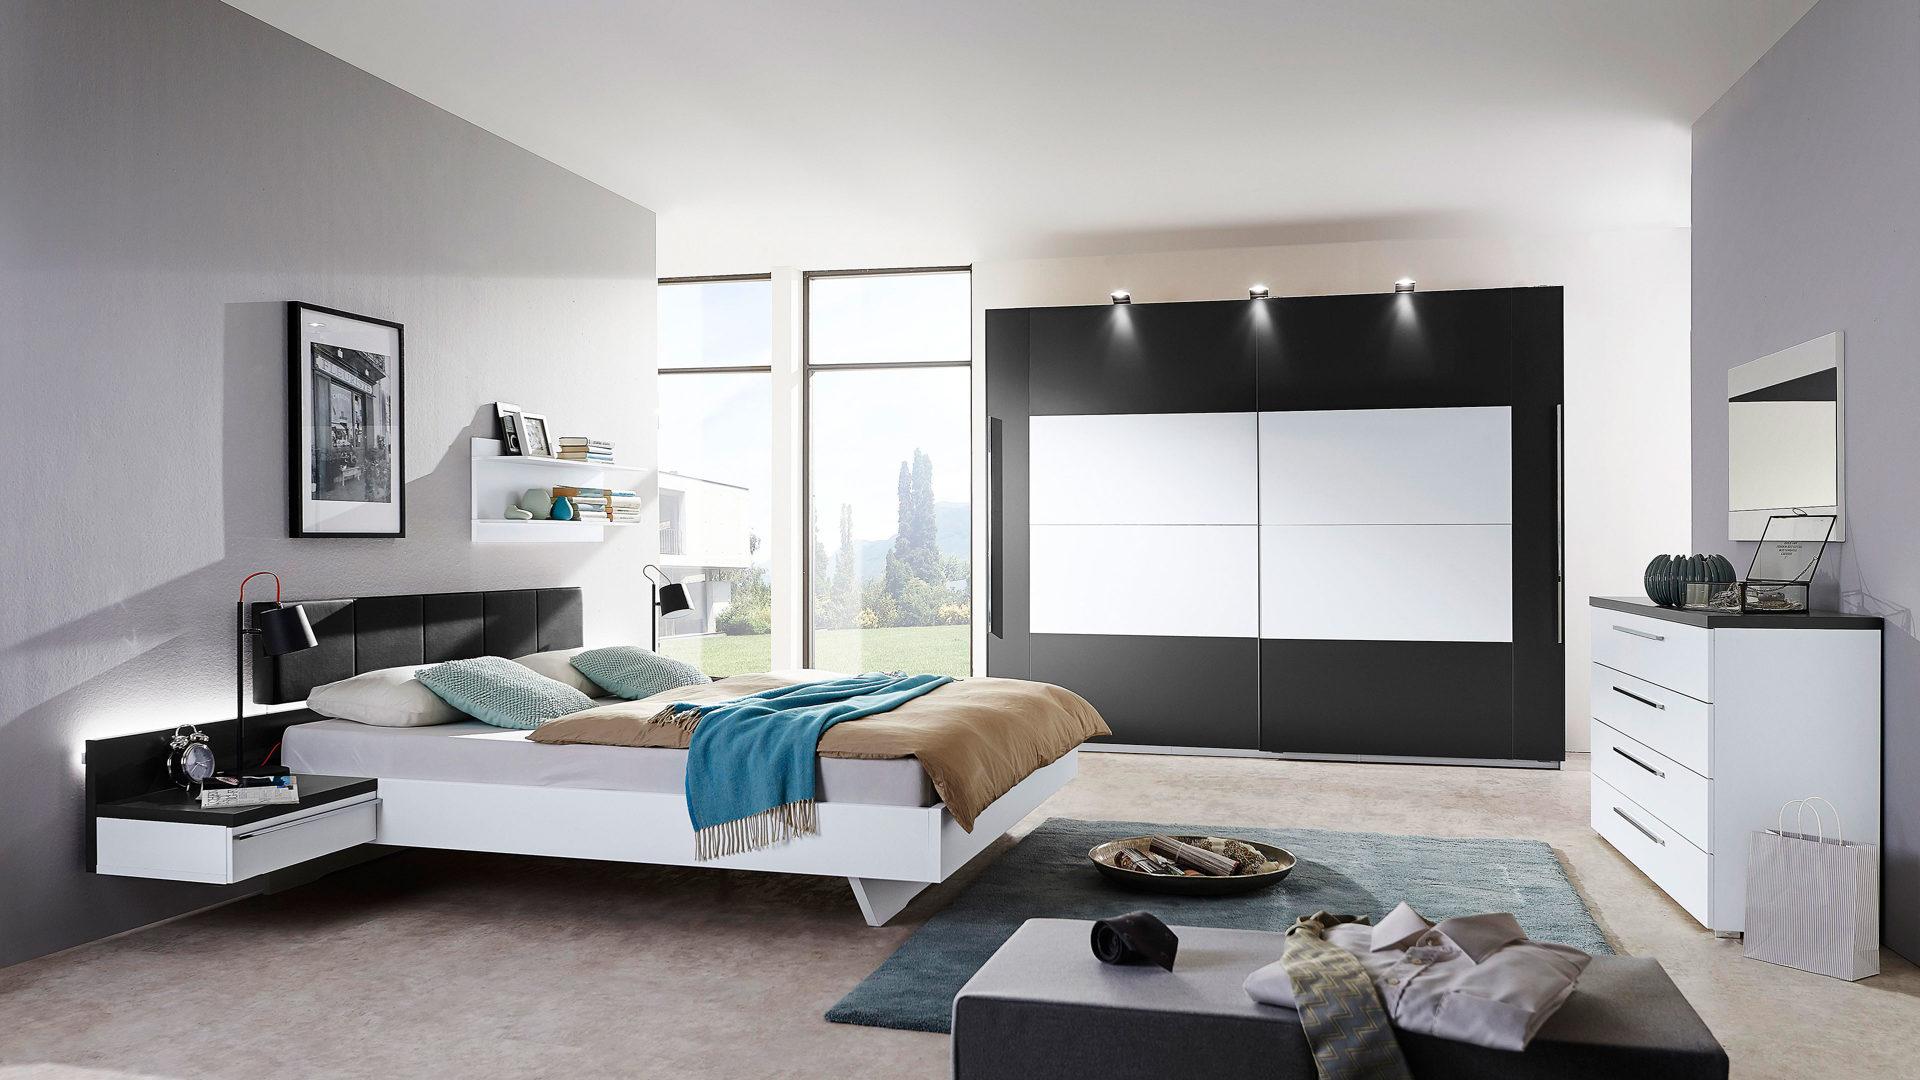 modernes rauch PACKS Schlafzimmer, alpinweiße & graphitfarbene, Bad ...